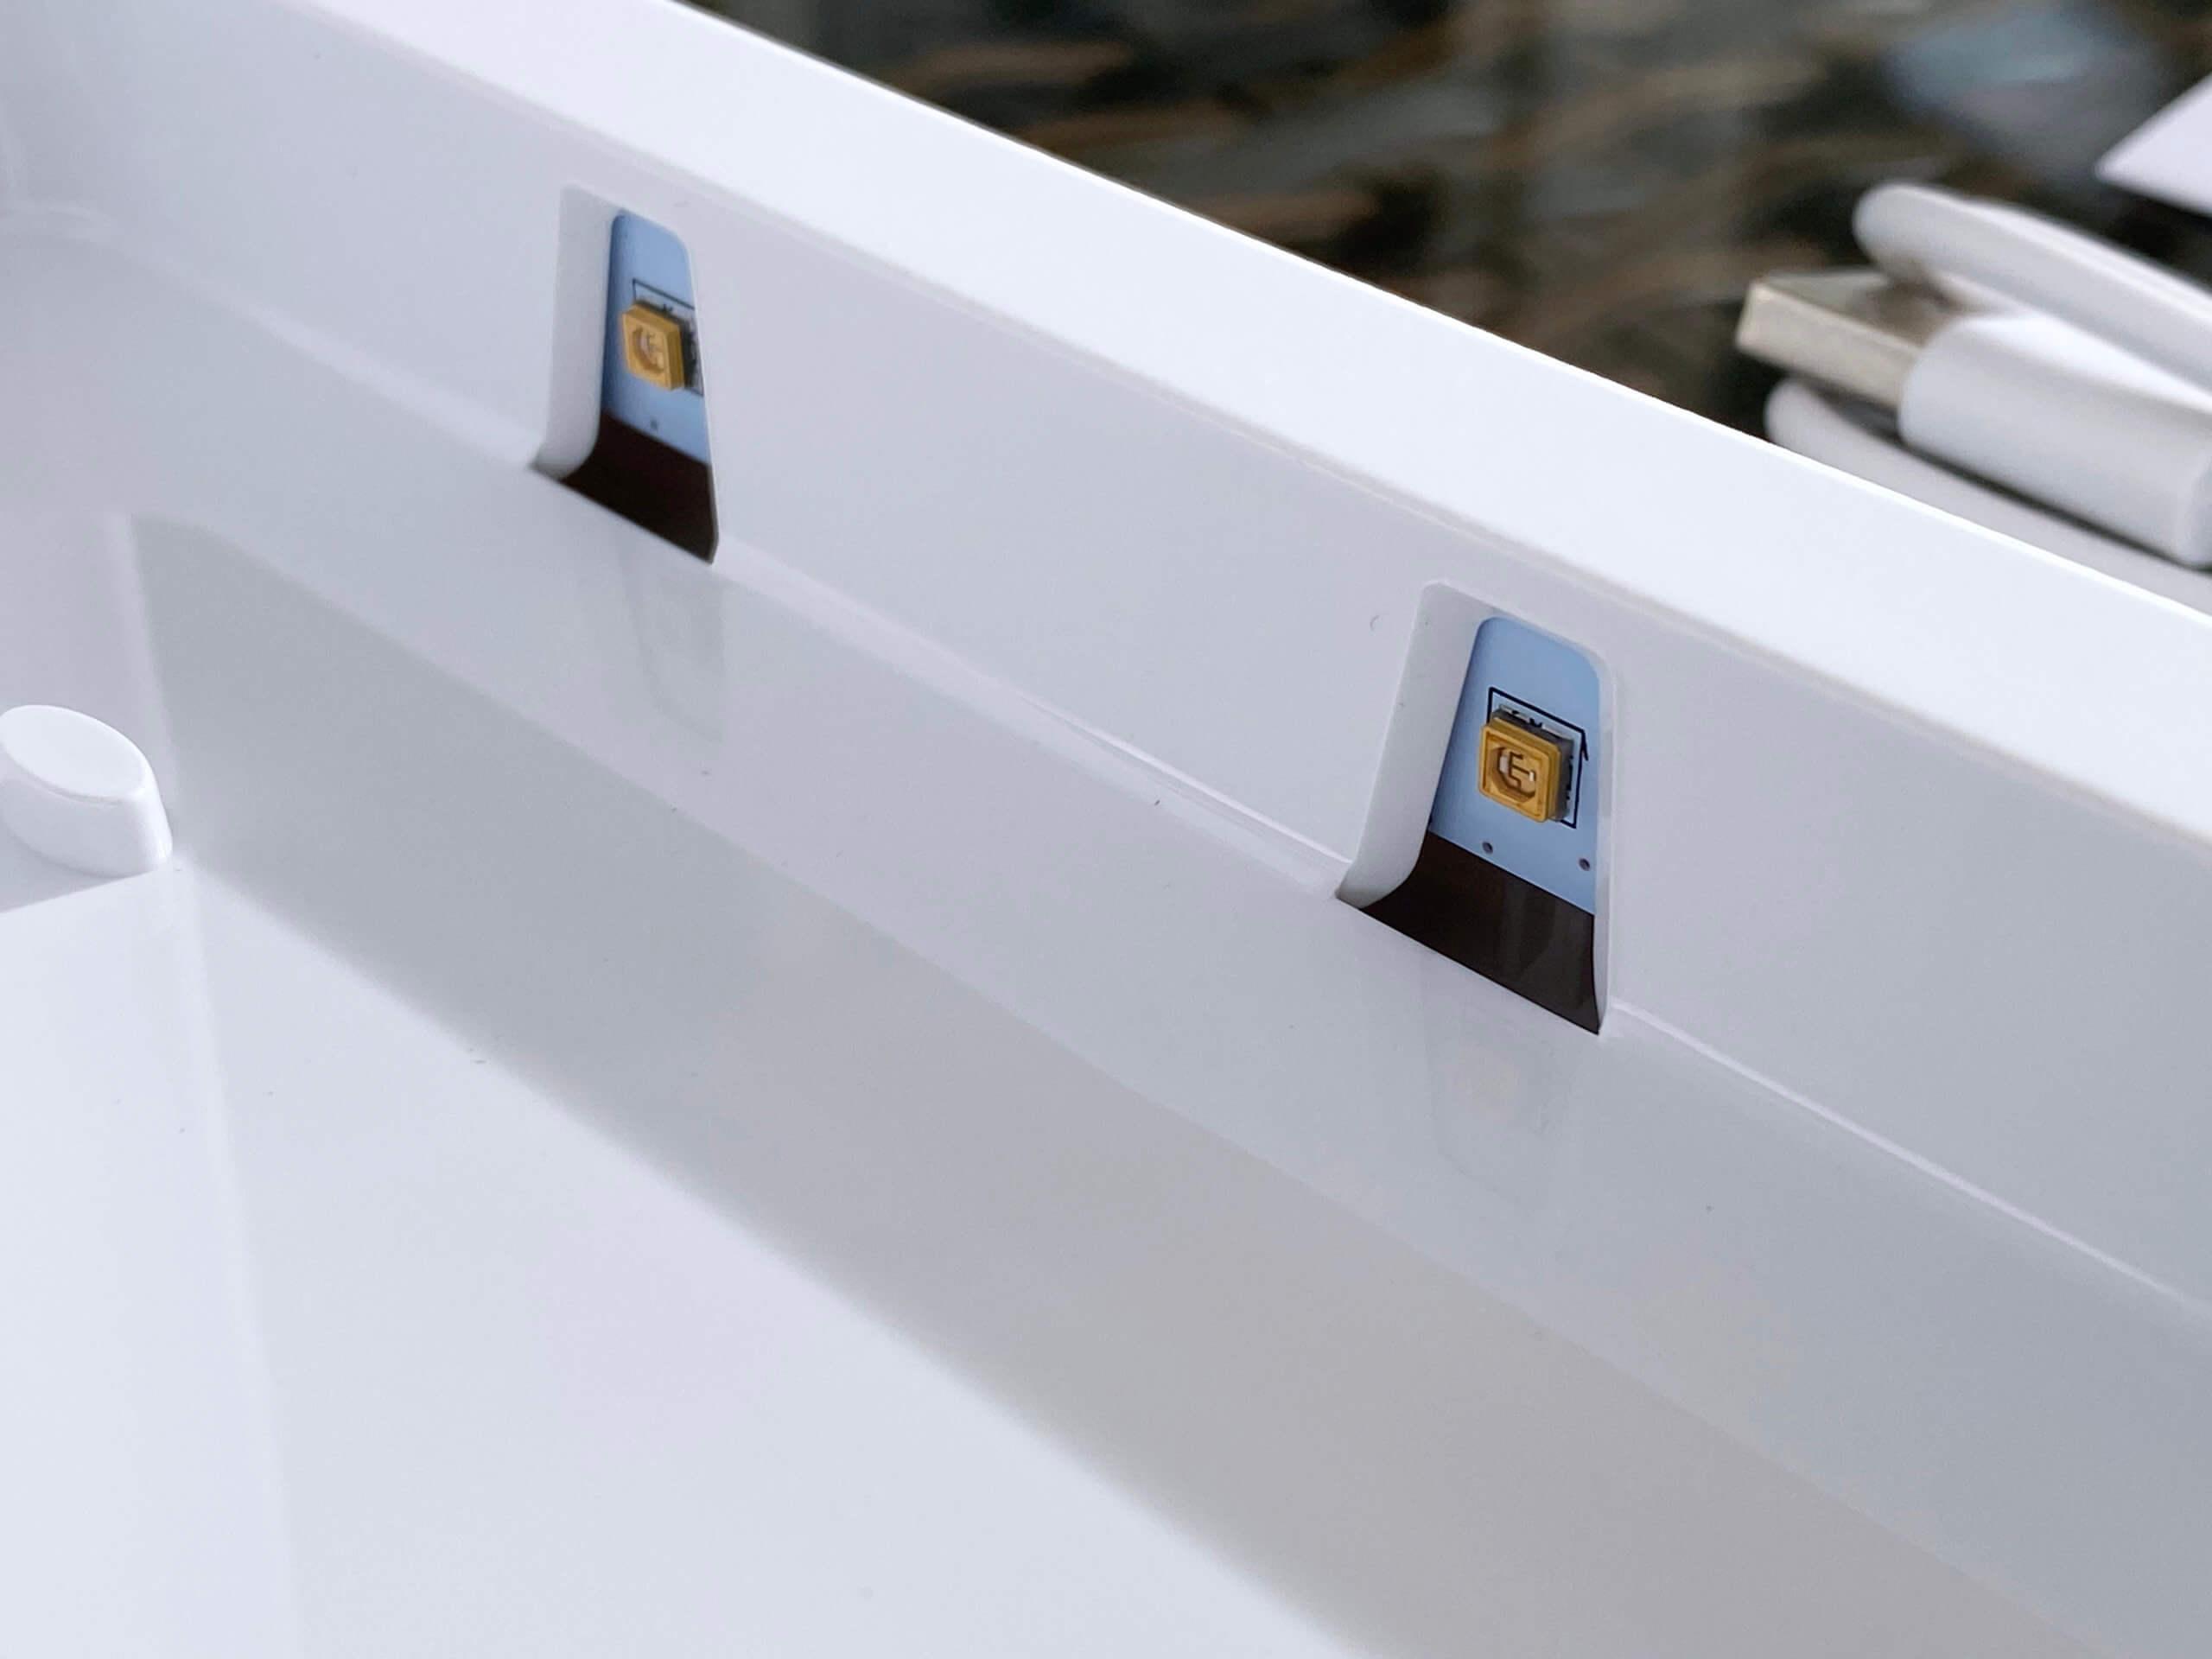 Mehrere Dioden bestrahlen das Smartphone mit UV-Licht.